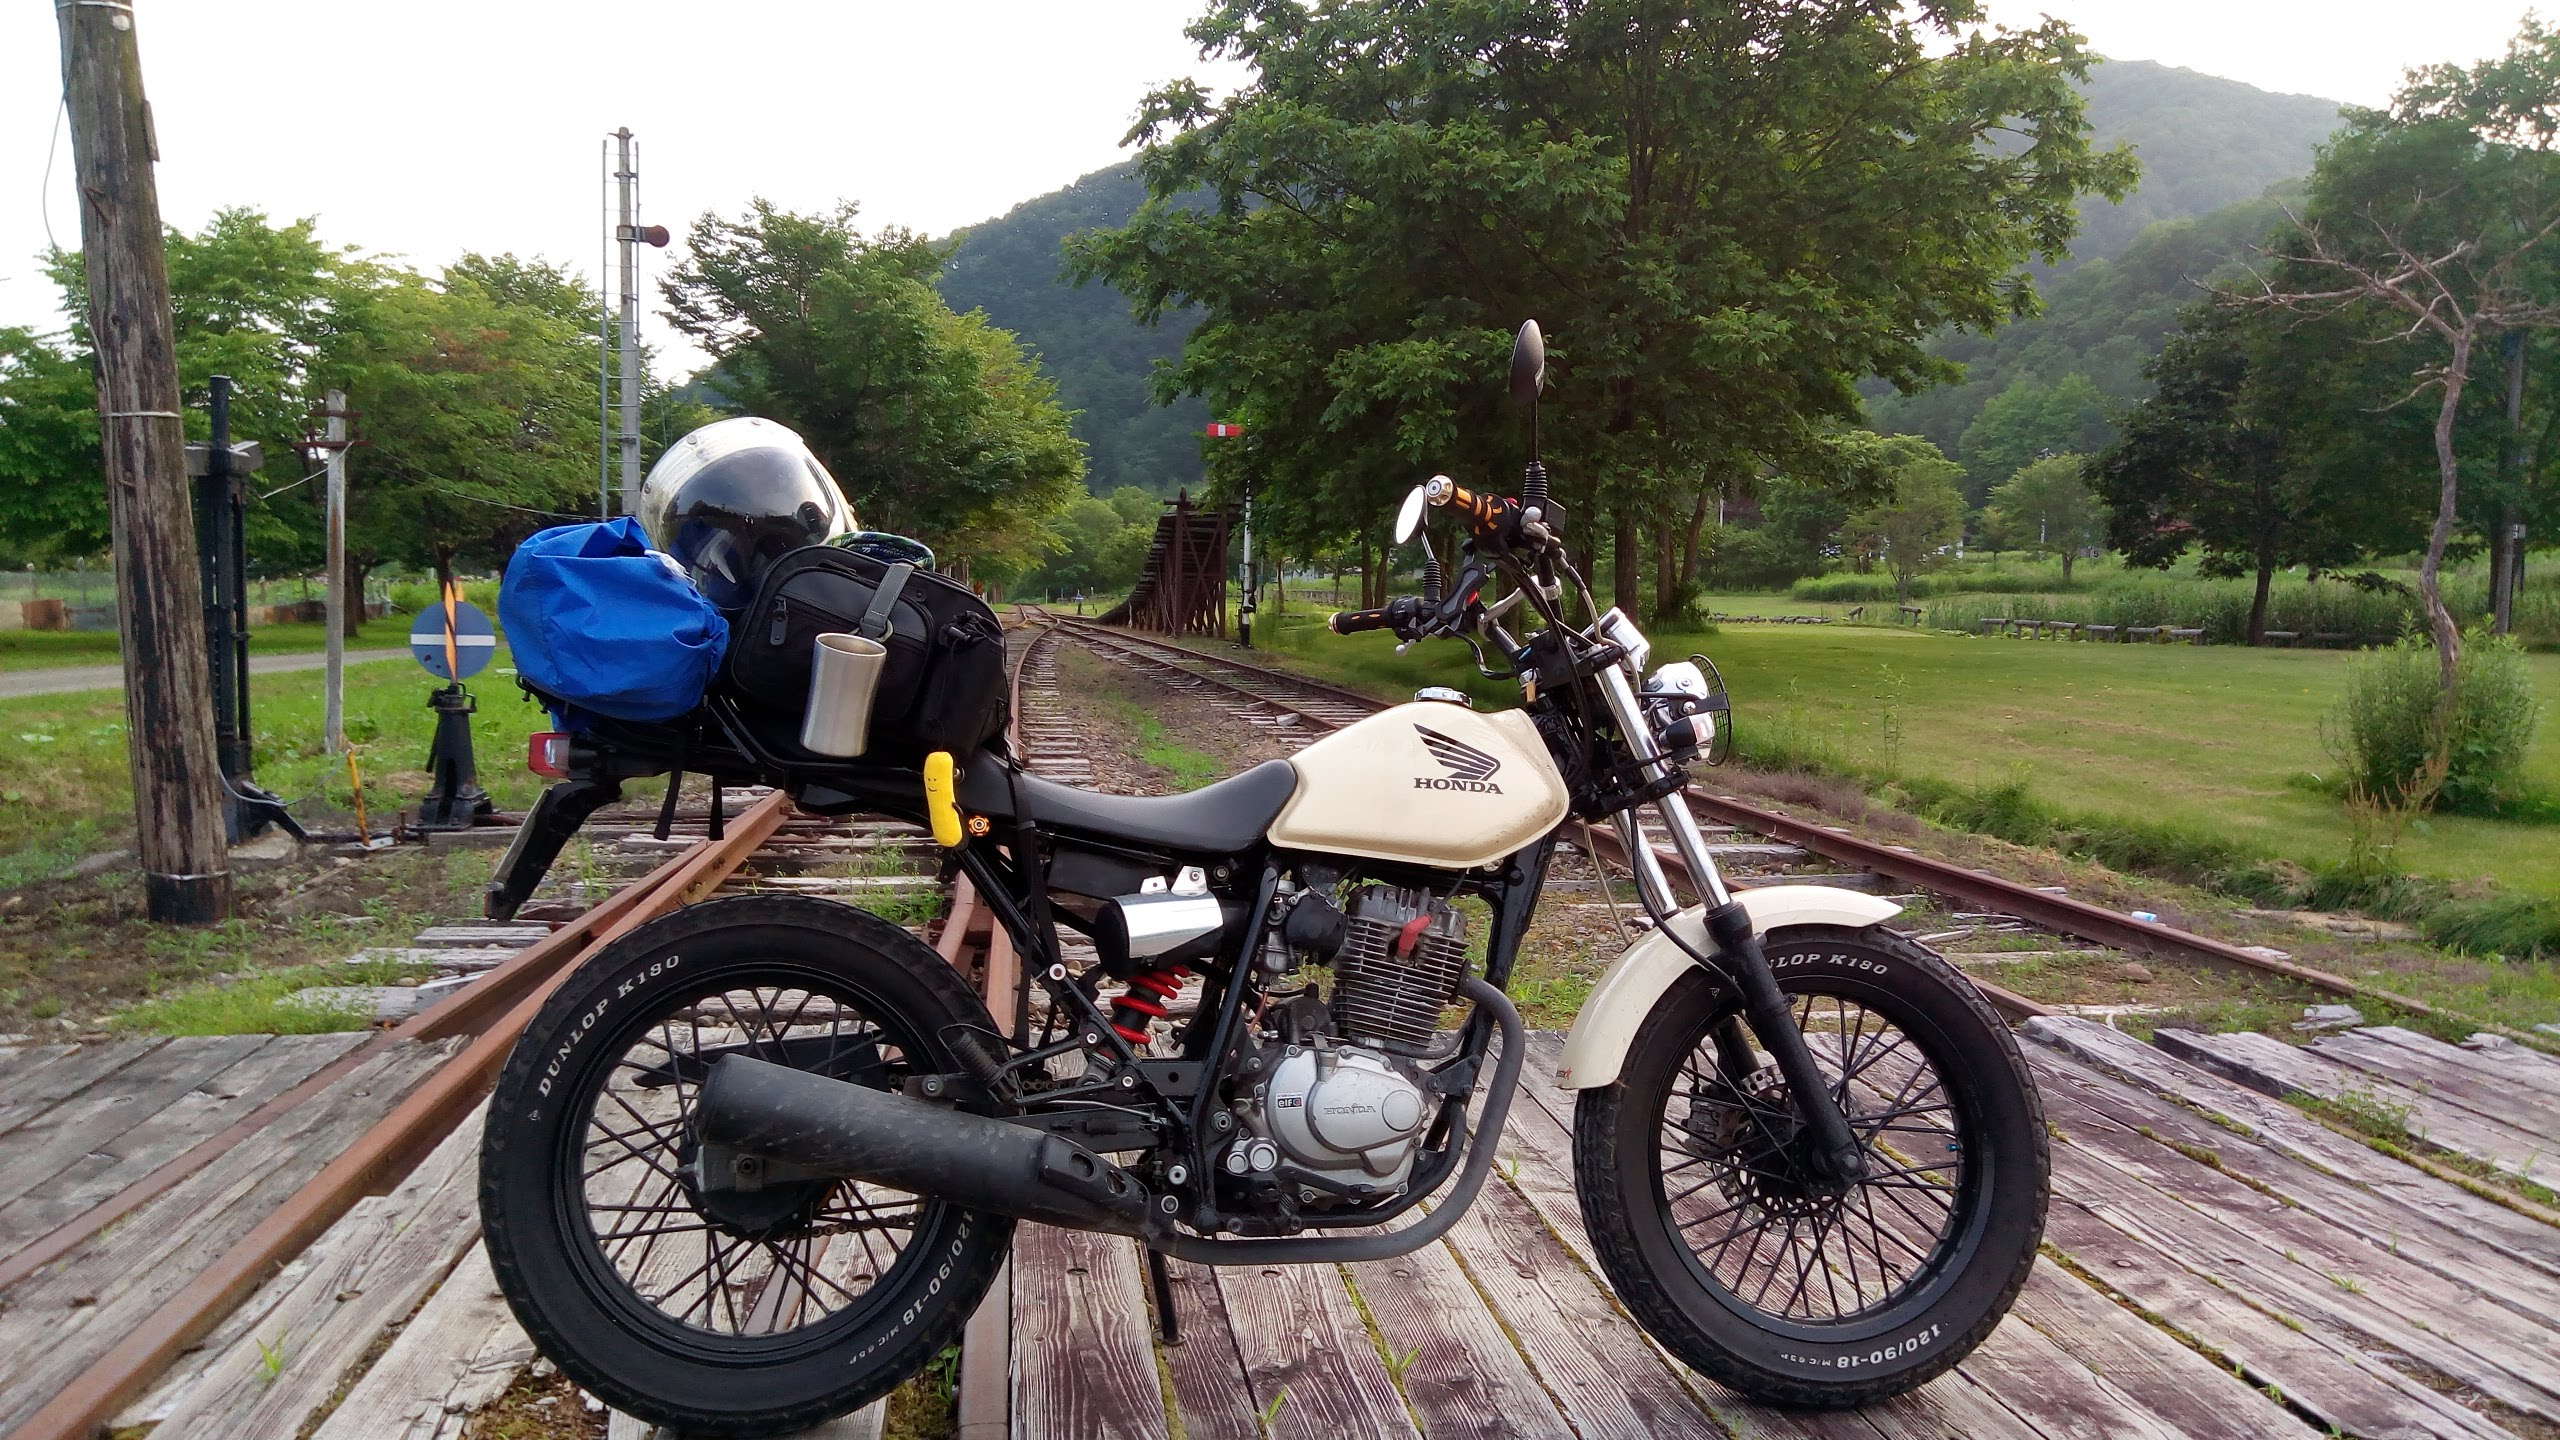 【2018年・夏の北海道】三国峠を越え、苫小牧へと向かう最終日。Vol.15